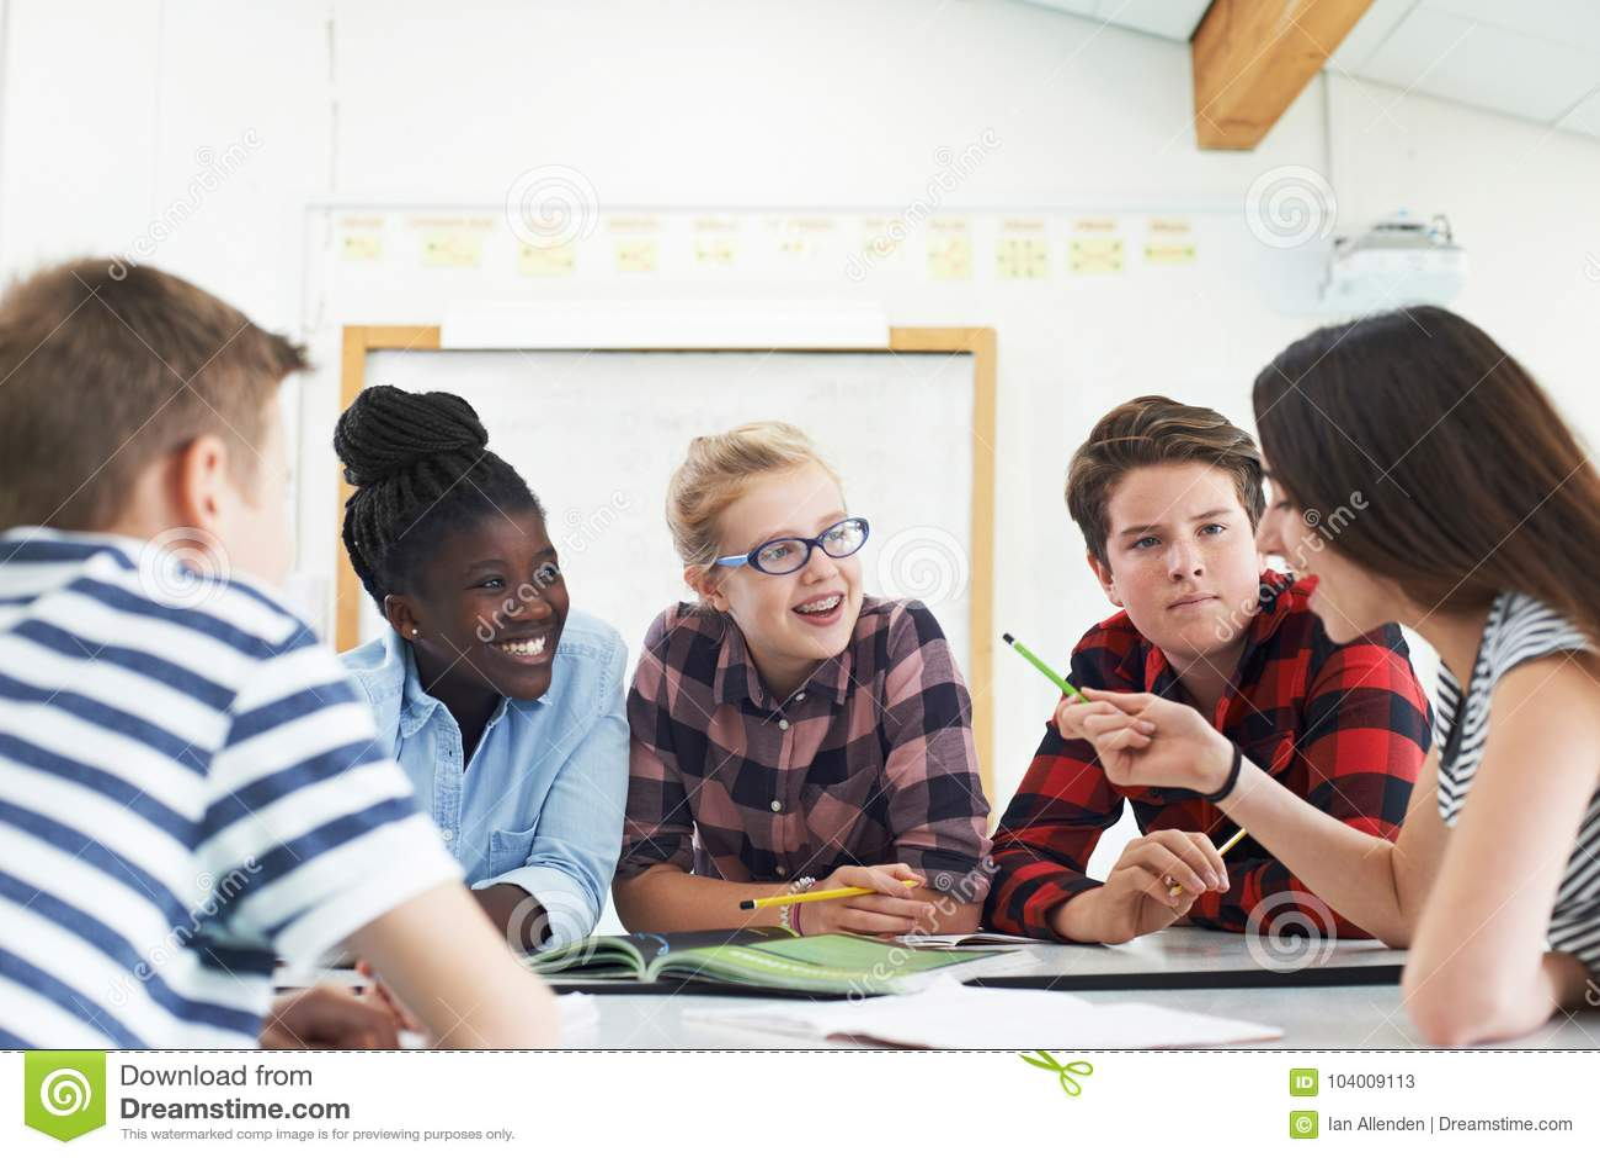 Ομάδα εφηβικών σπουδαστών που συνεργάζονται στο πρόγραμμα στην τάξη